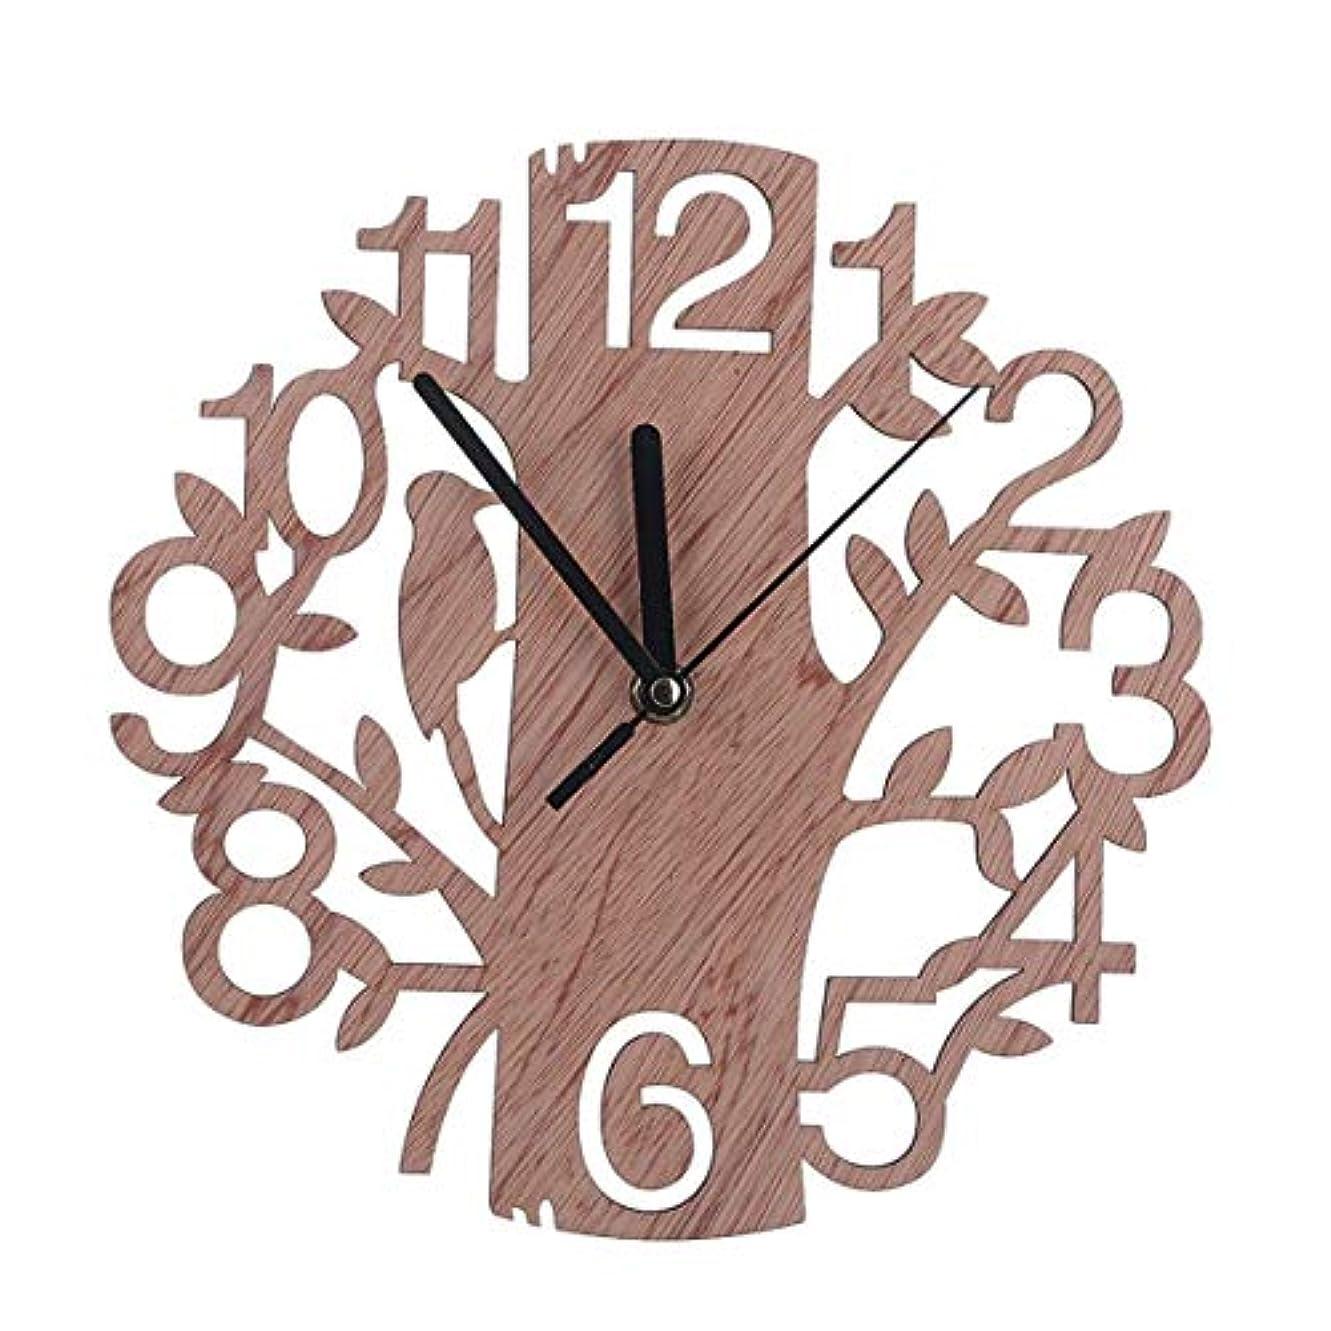 歩き回るメロンマイナス中空の木の装飾ラウンド木製アウトウォールクロックリビングルームホームオフィスオーナメントギフトウォールウォッチ-ウッド